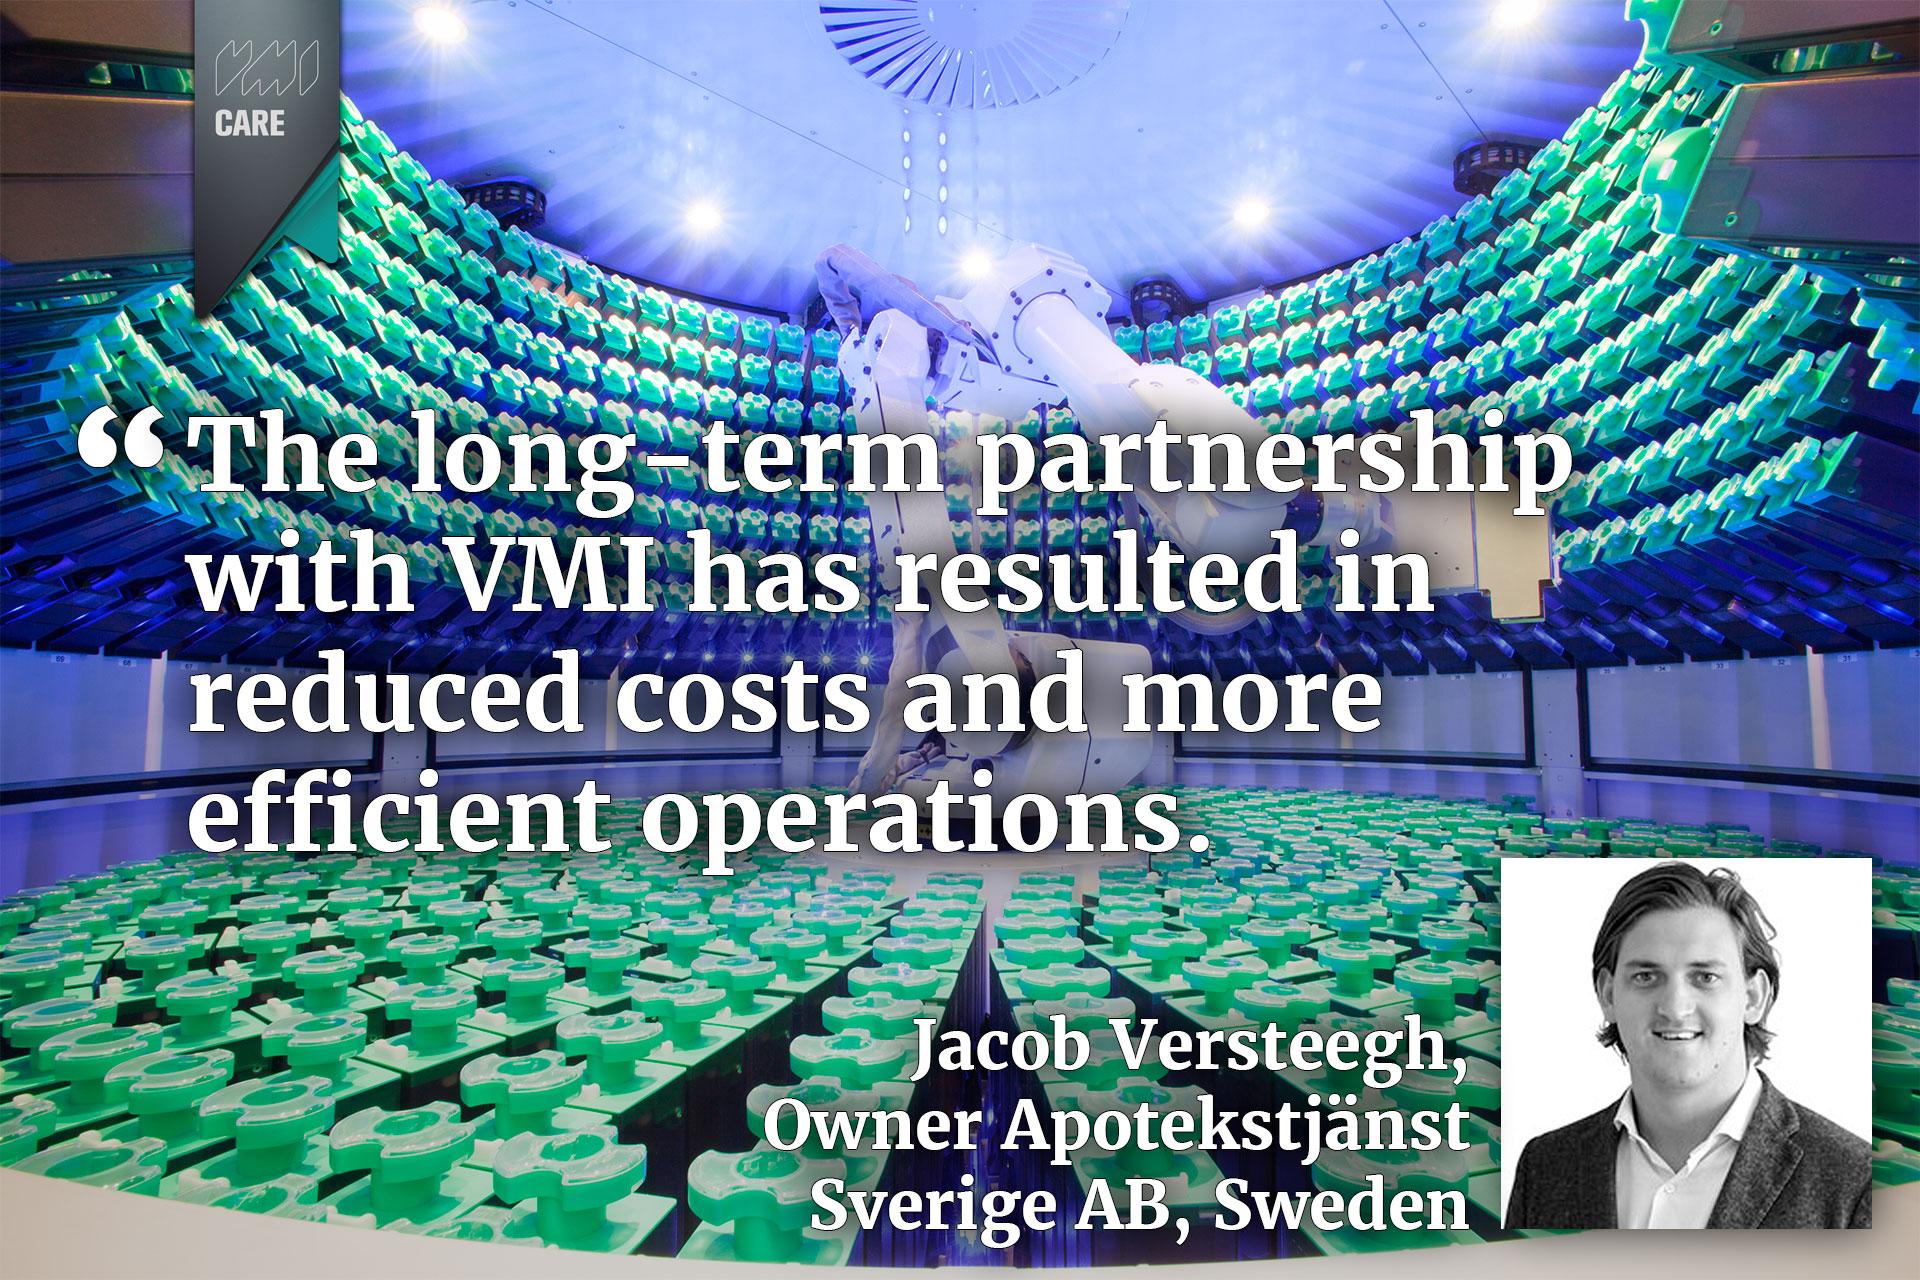 https://www.vmi-group.com/vmi-data/uploads/2020/12/2020-12-Customer-Testimonial-001.jpg